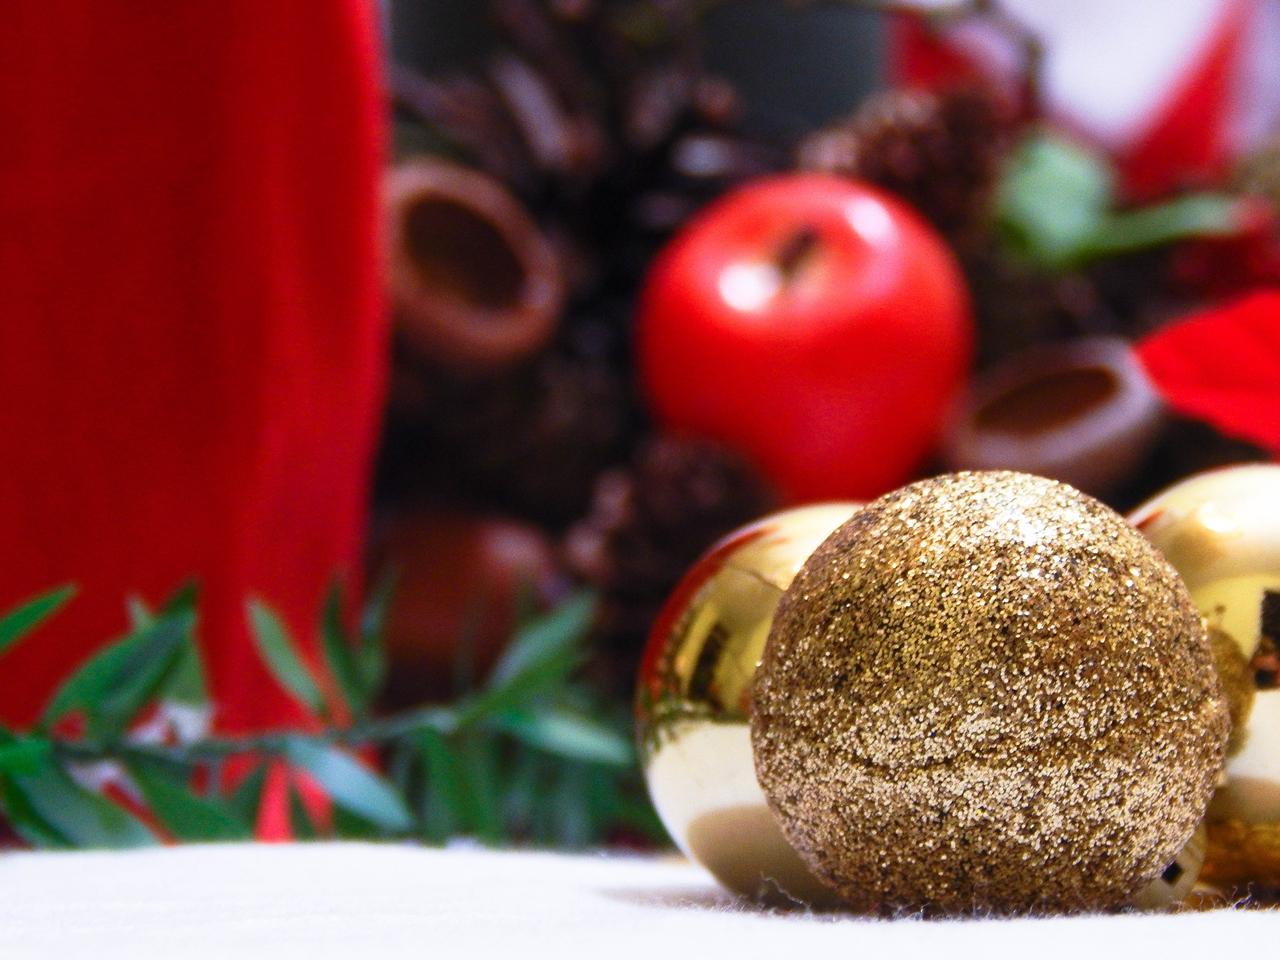 10 dekoracja świątecznego stołu jak udekorować stół na boże narodzenie dekoracja kolacja wigilijna dekoracja stroik na stół wigilijny wianek świeczka mikołajowe ubrania na butelki mikołaje na sztućce